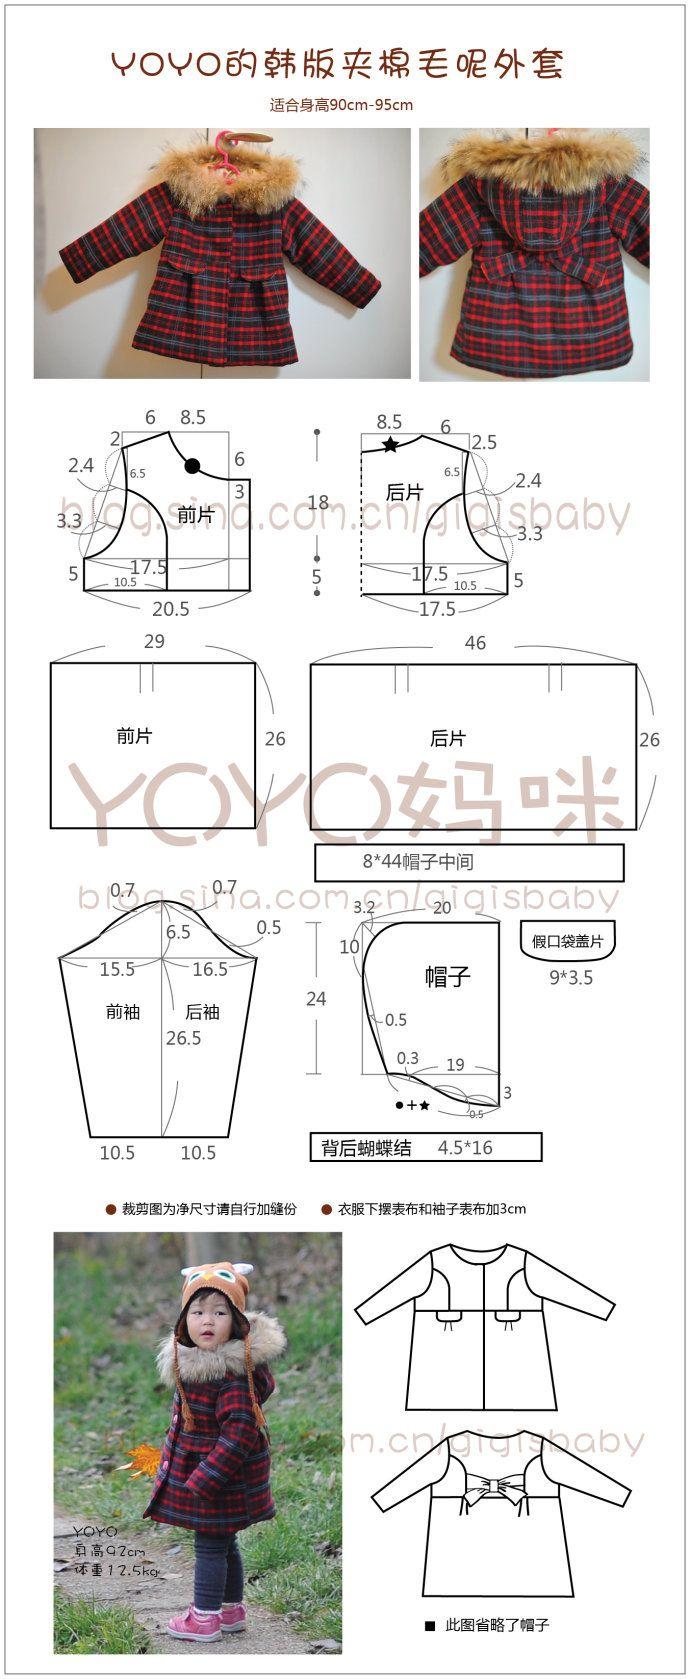 ☆아동 백 리본 포인트 코트 패턴☆ : 네이버 블로그   Szycie ...